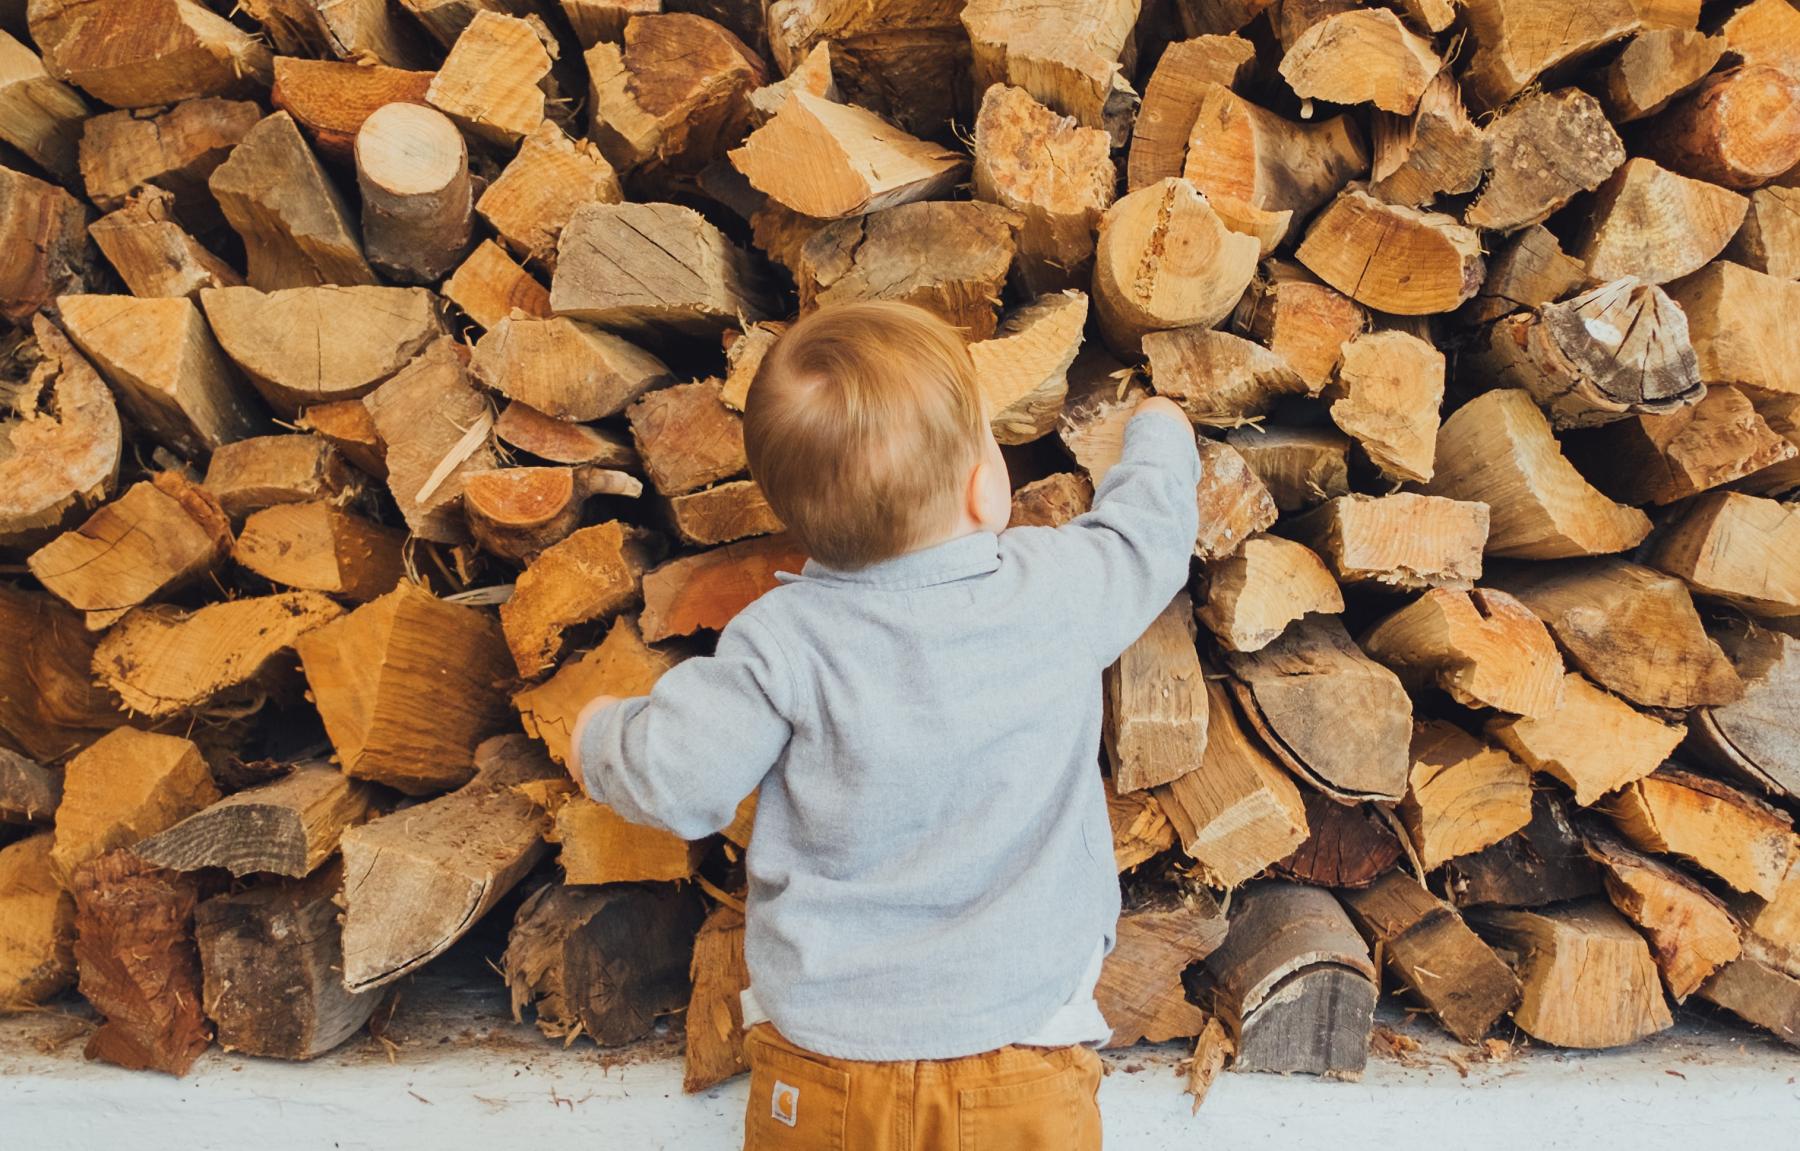 kleiner Junge vorm Feuerholz